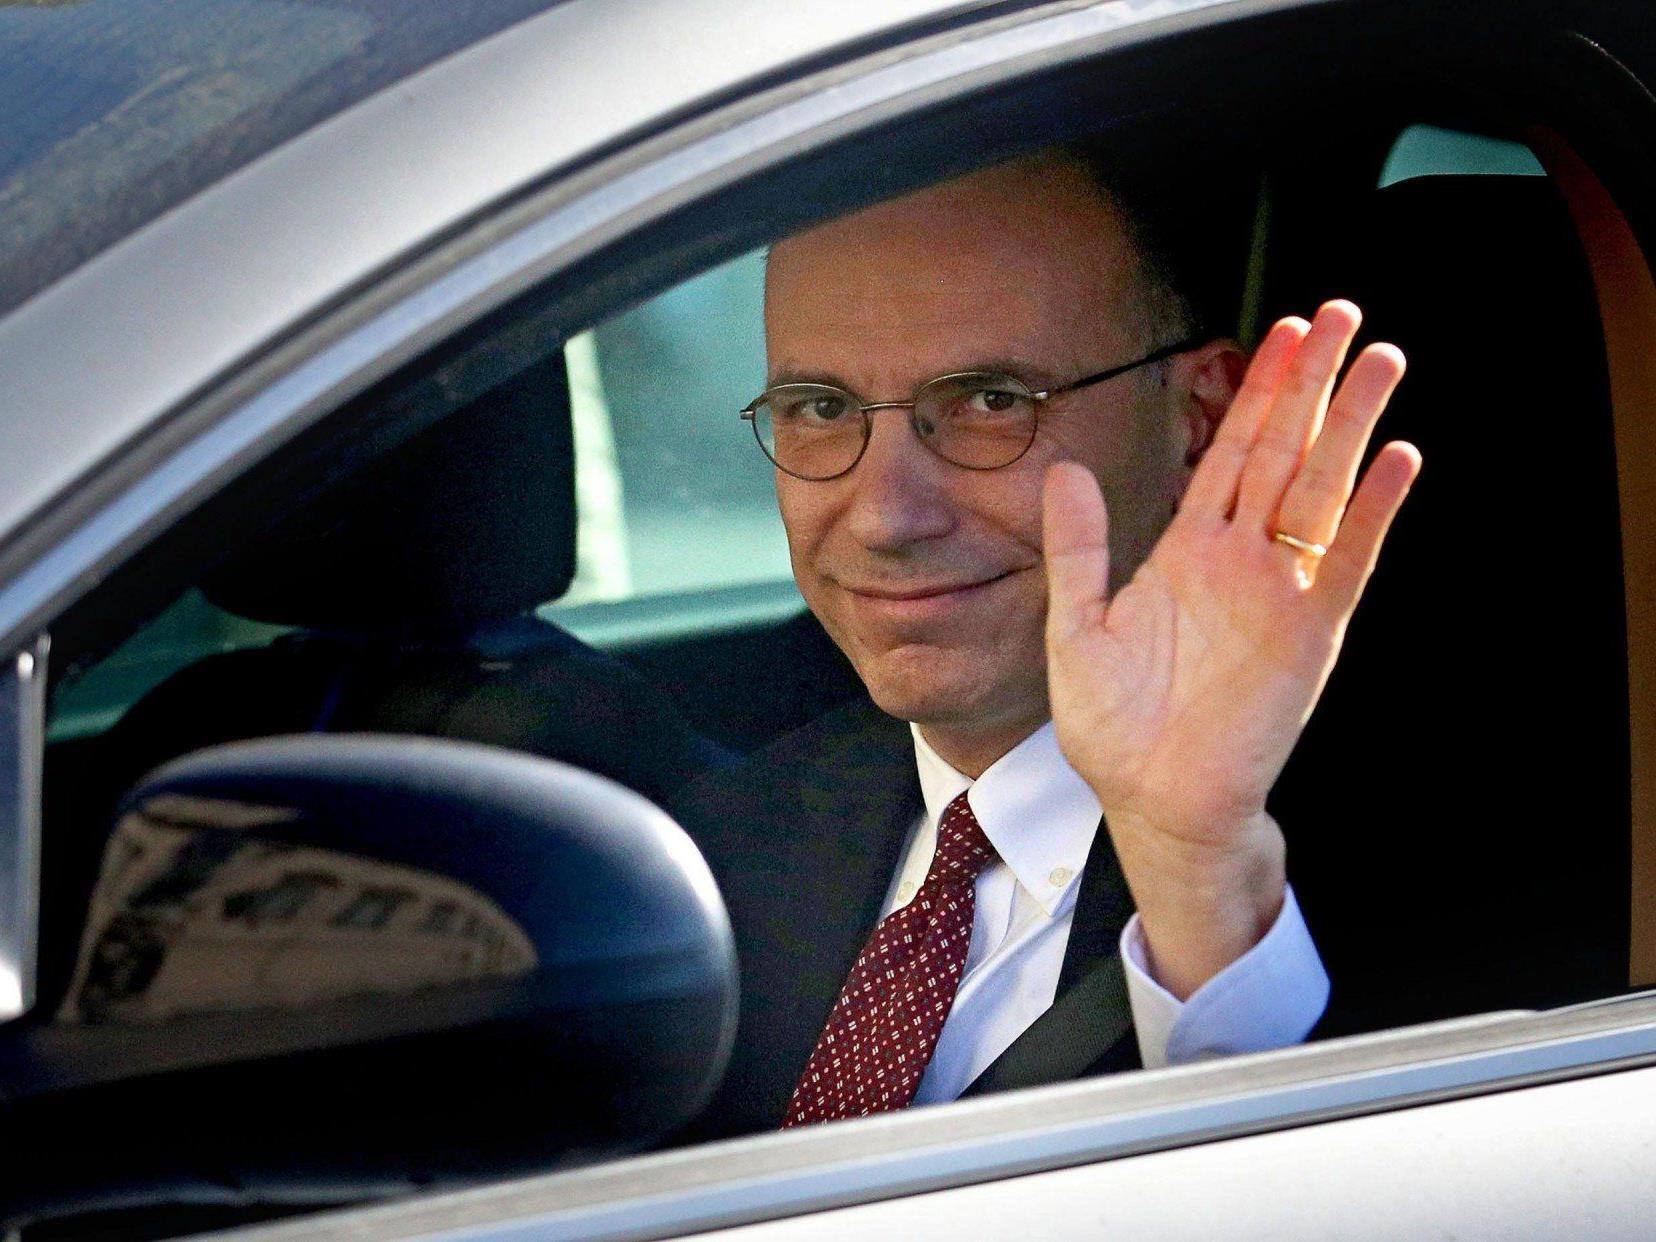 Amtszeit nach zehn Monaten zu Ende: Enrico Letta reichte Rücktritt ein.